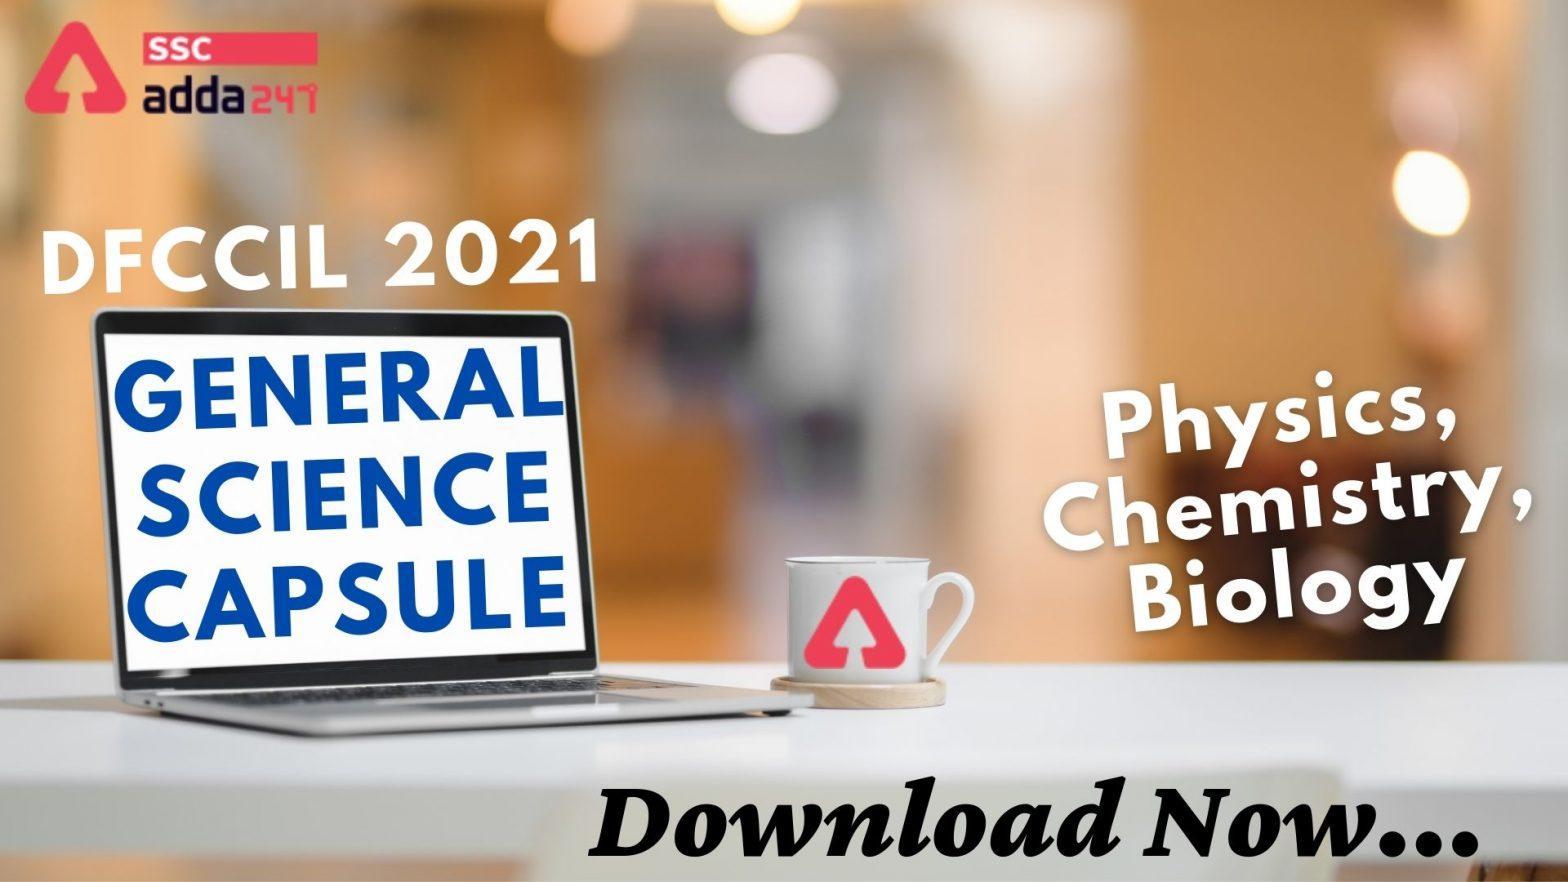 DFCCI Recruitment 2021 General Science for DFCCIL 2021_40.1